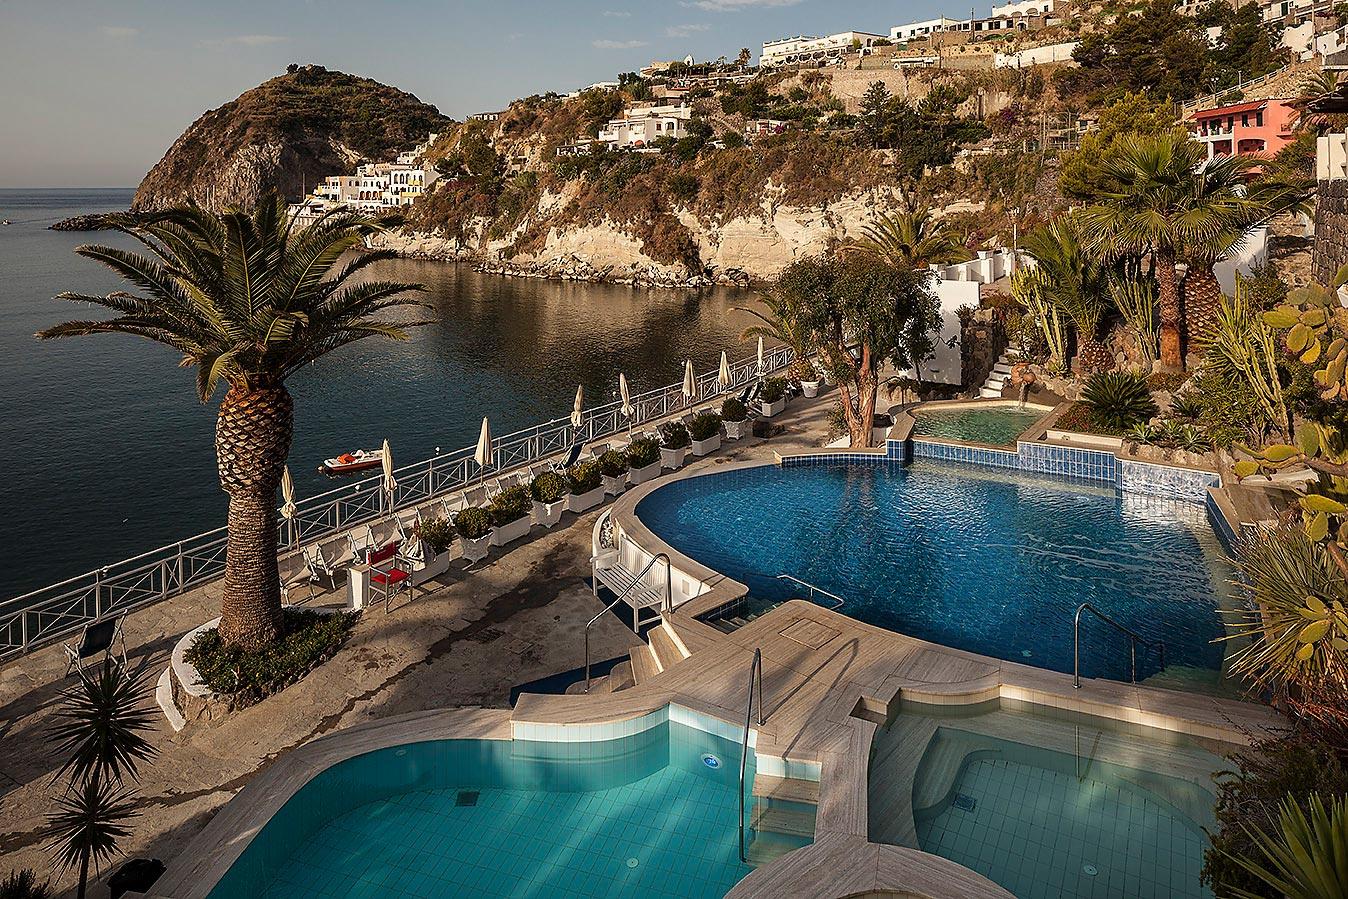 Kuren im Hotel Miramare auf Ischia